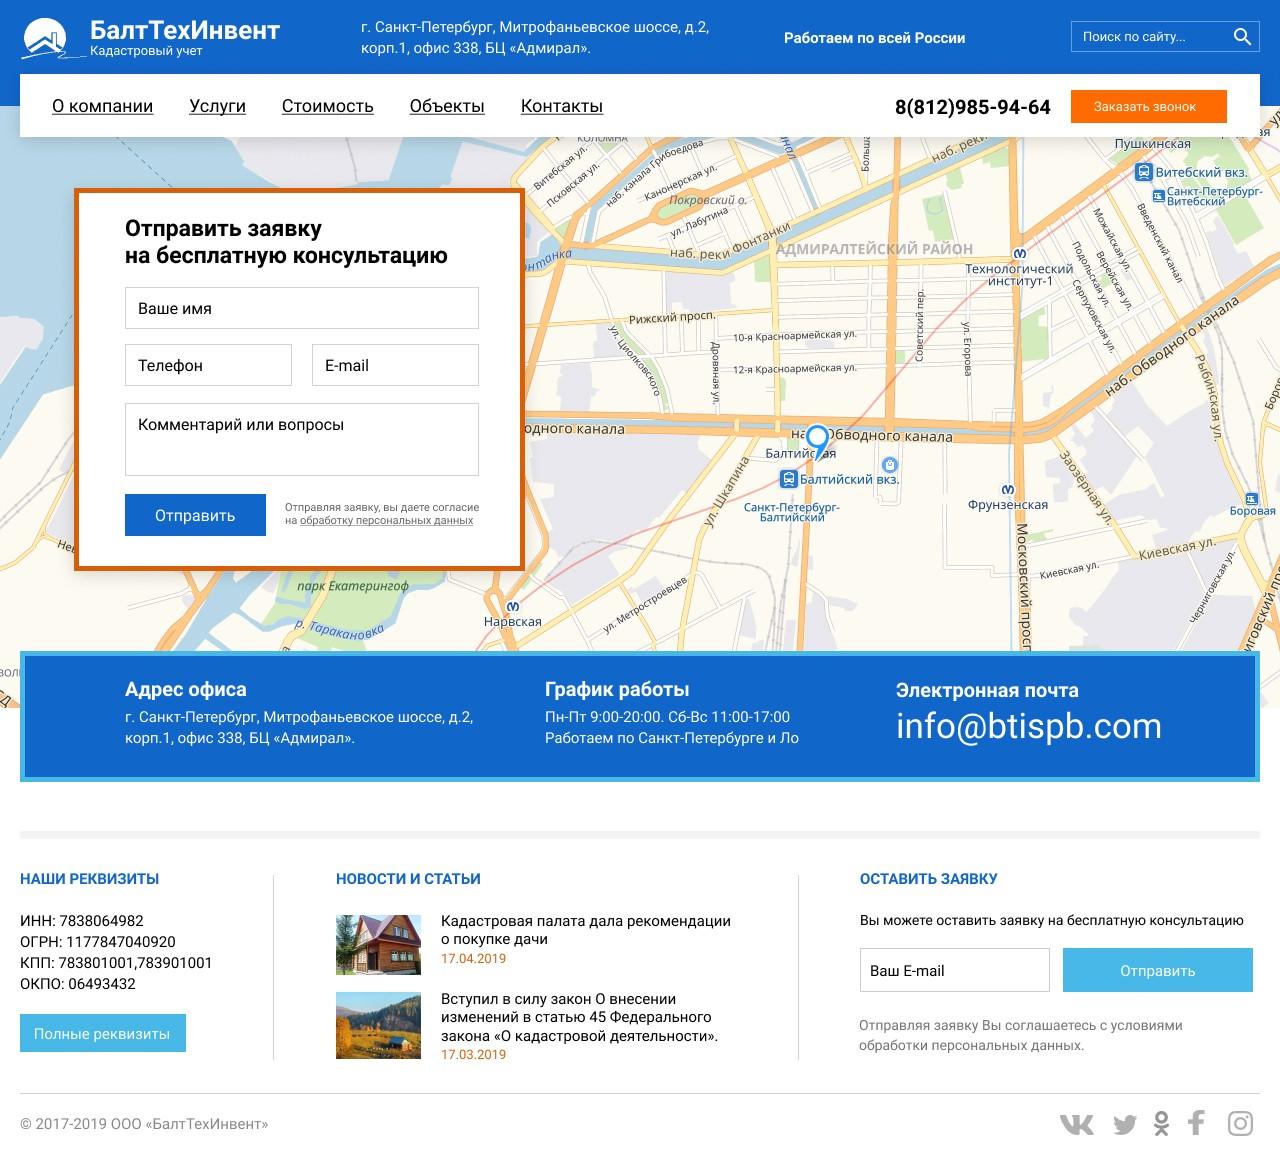 Создание сайта БалтТехИнвент. Кадастровый учет земельных участков.